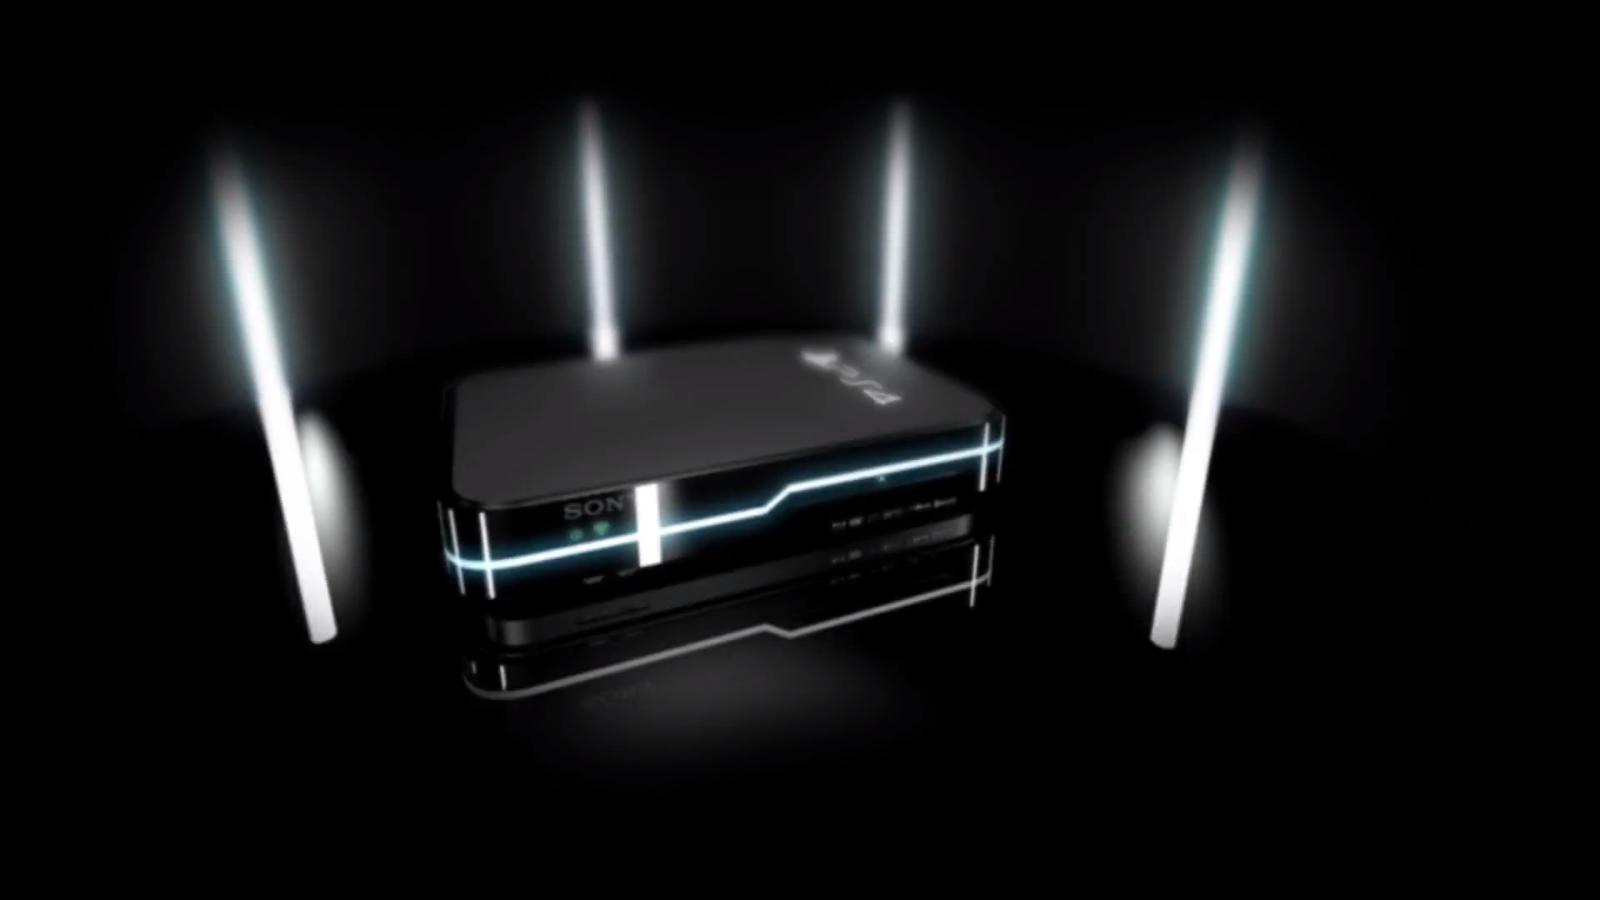 Este vídeo mostrando o console do PS4 é falso, mas impressionante (Foto: Reprodução)